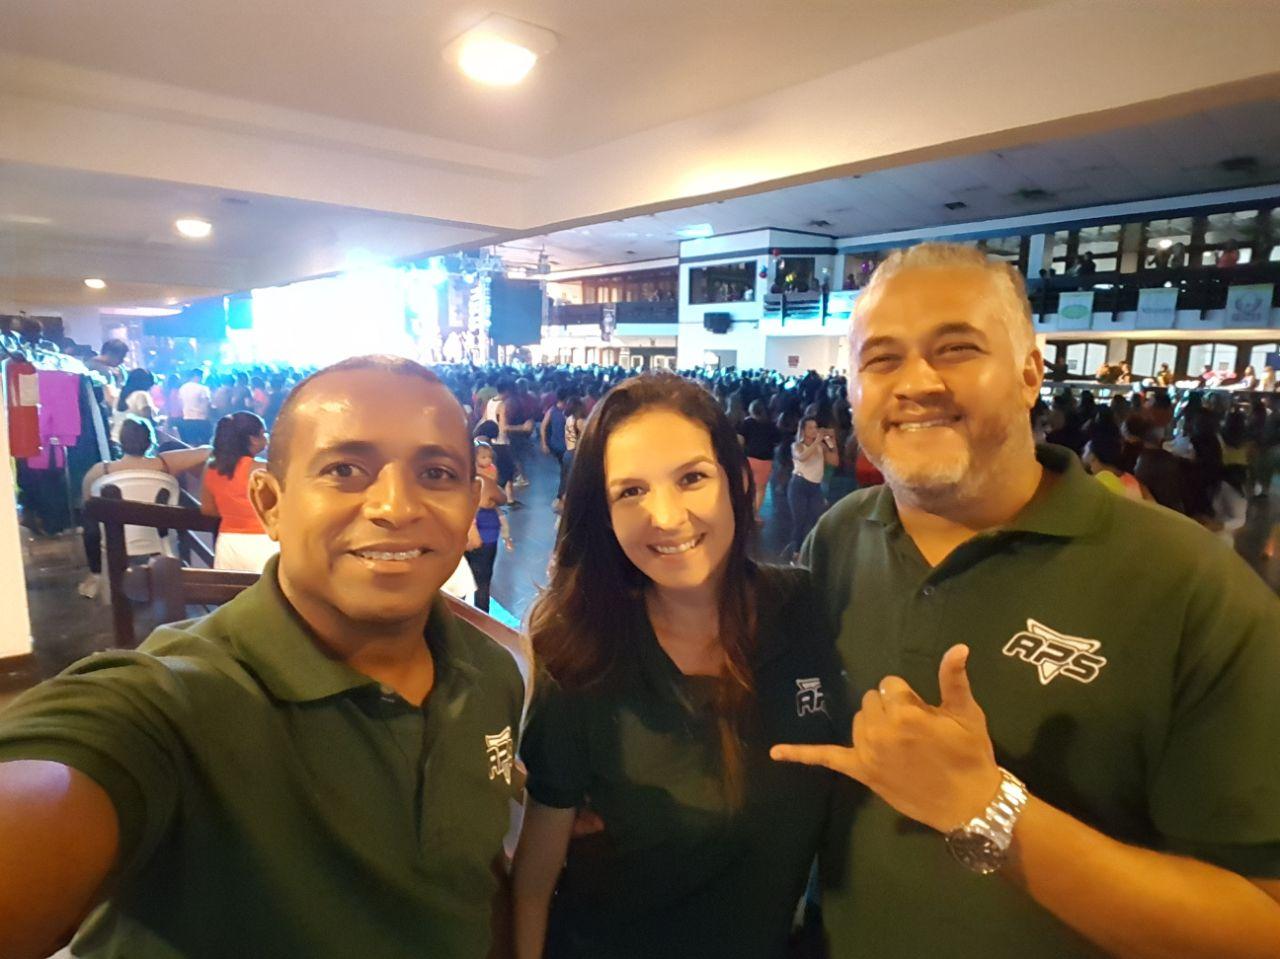 Membro da FPJJD comenta expectativa para o Brasileiro da CBJJD: 'Mostrar que temos atletas de alto nível em nossa região'